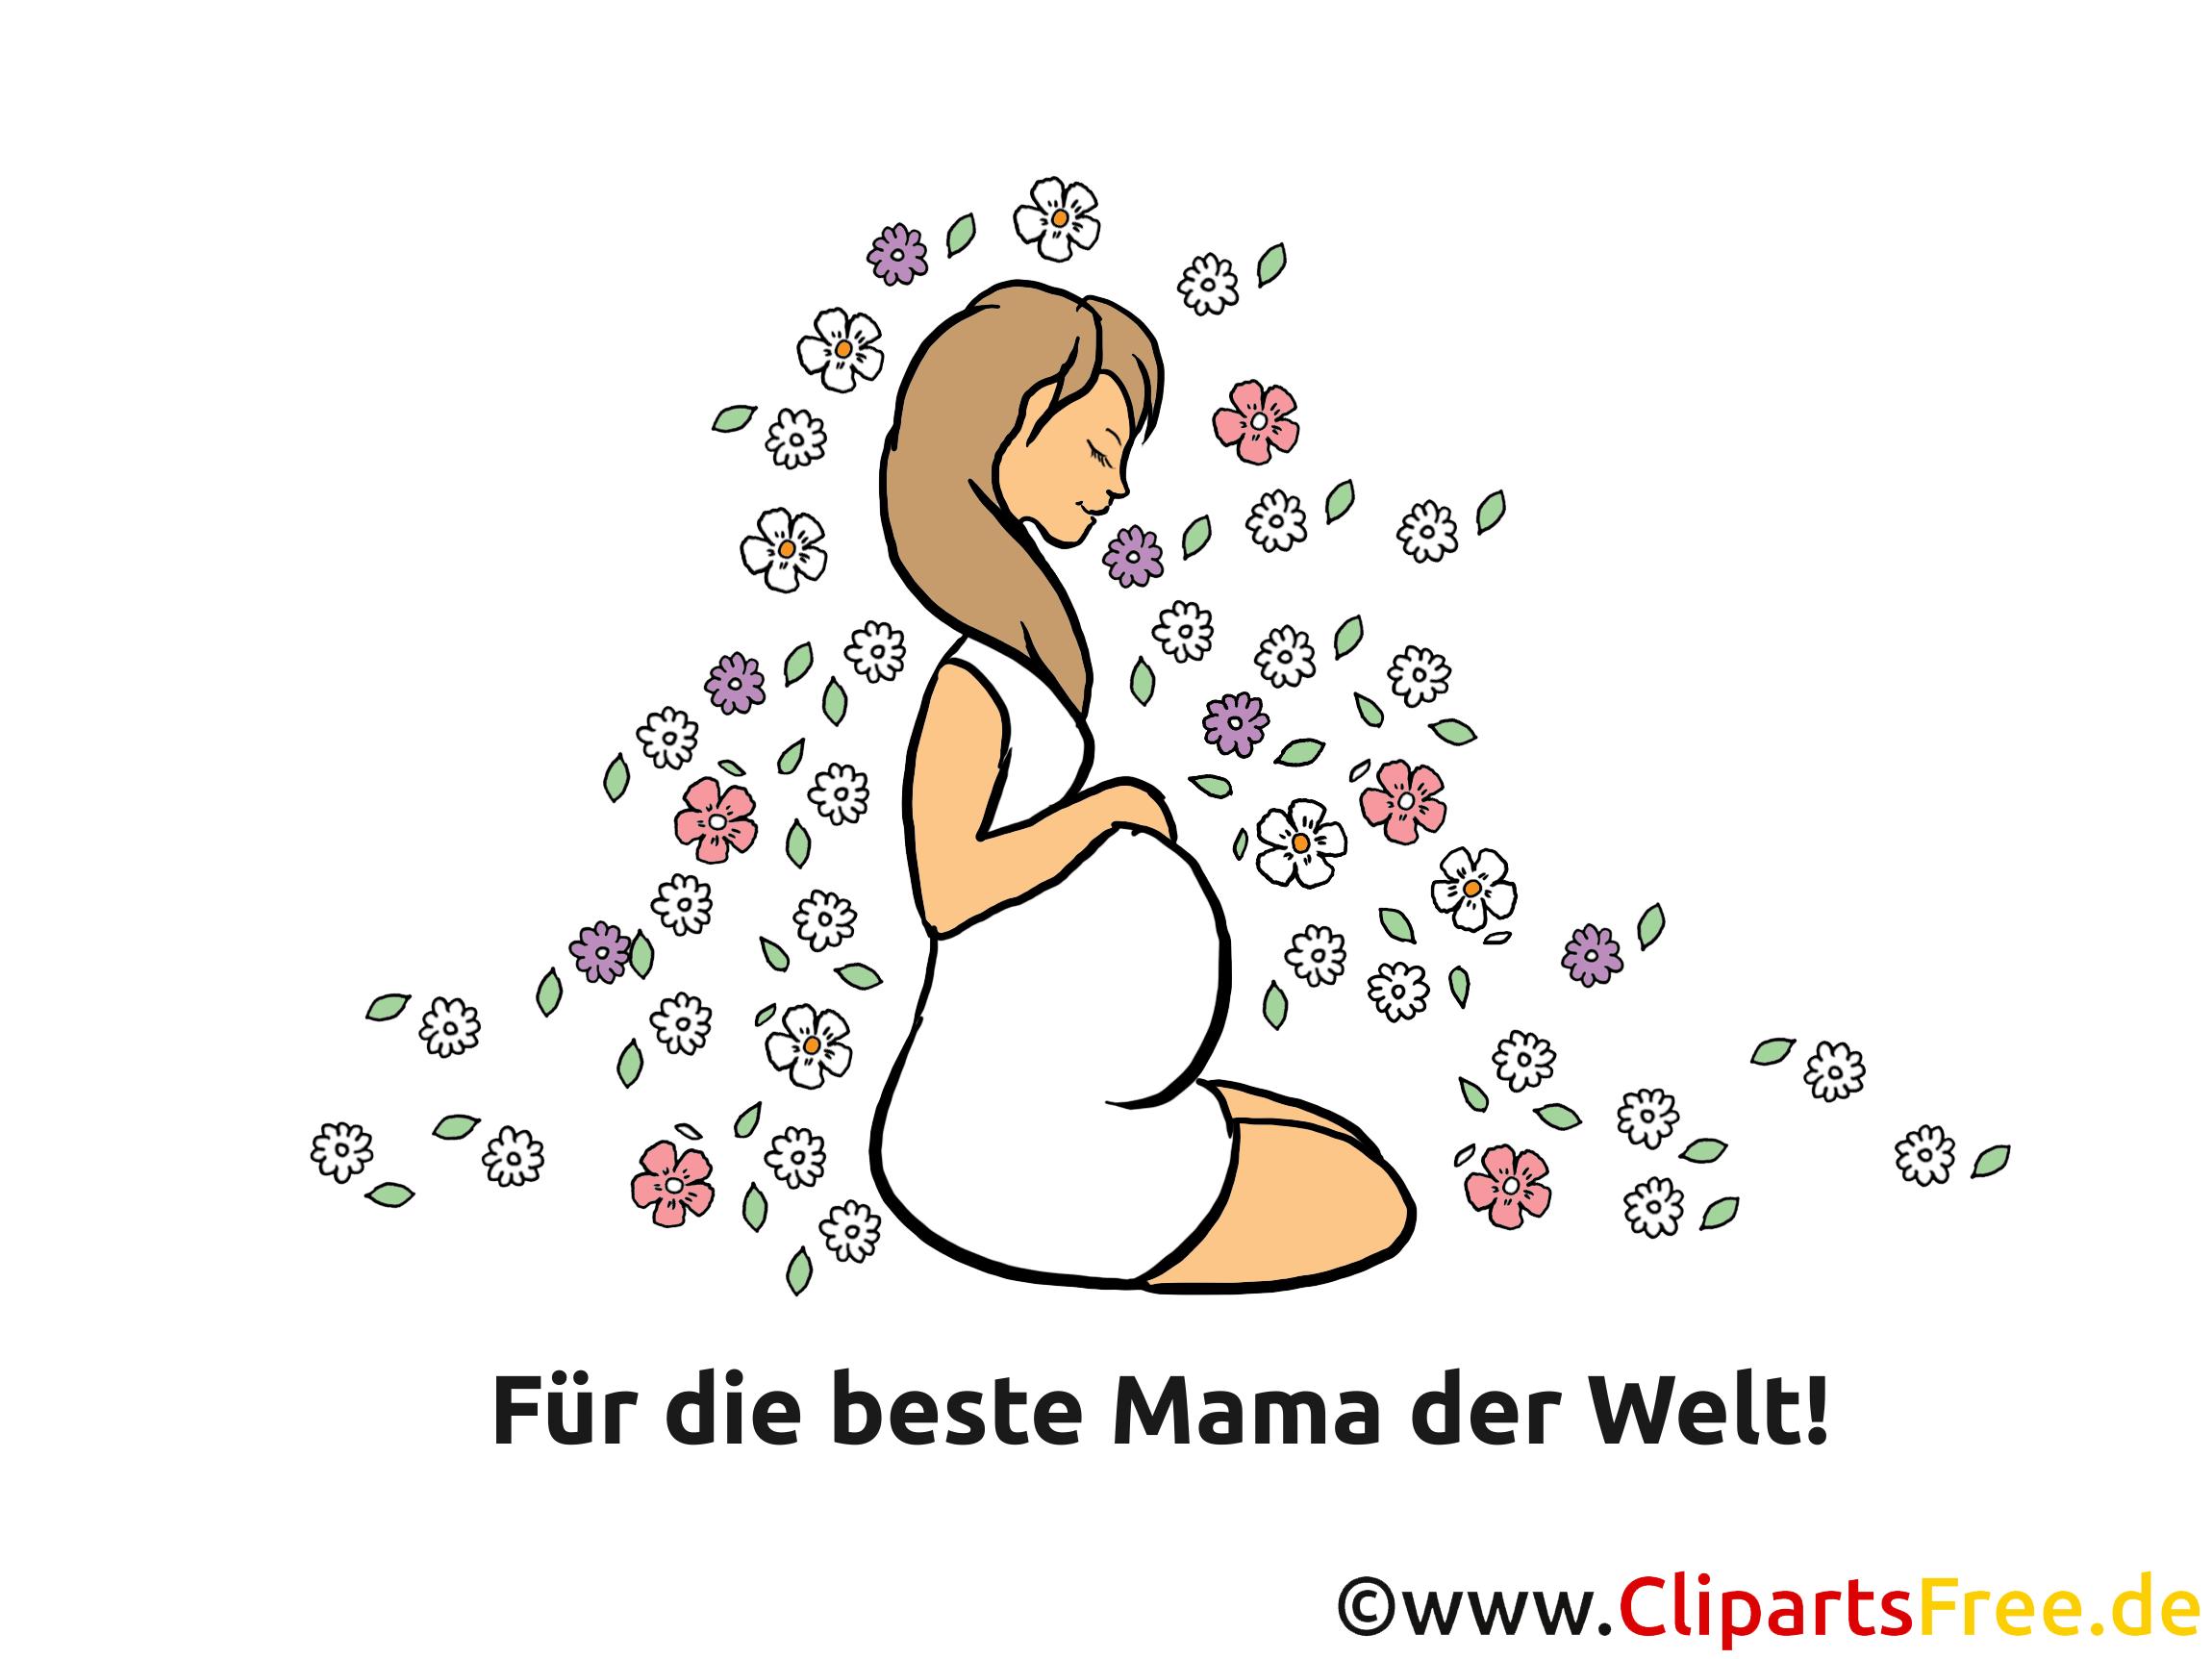 Glckwunschkarte zur Geburt  Fr beste Mama der Welt